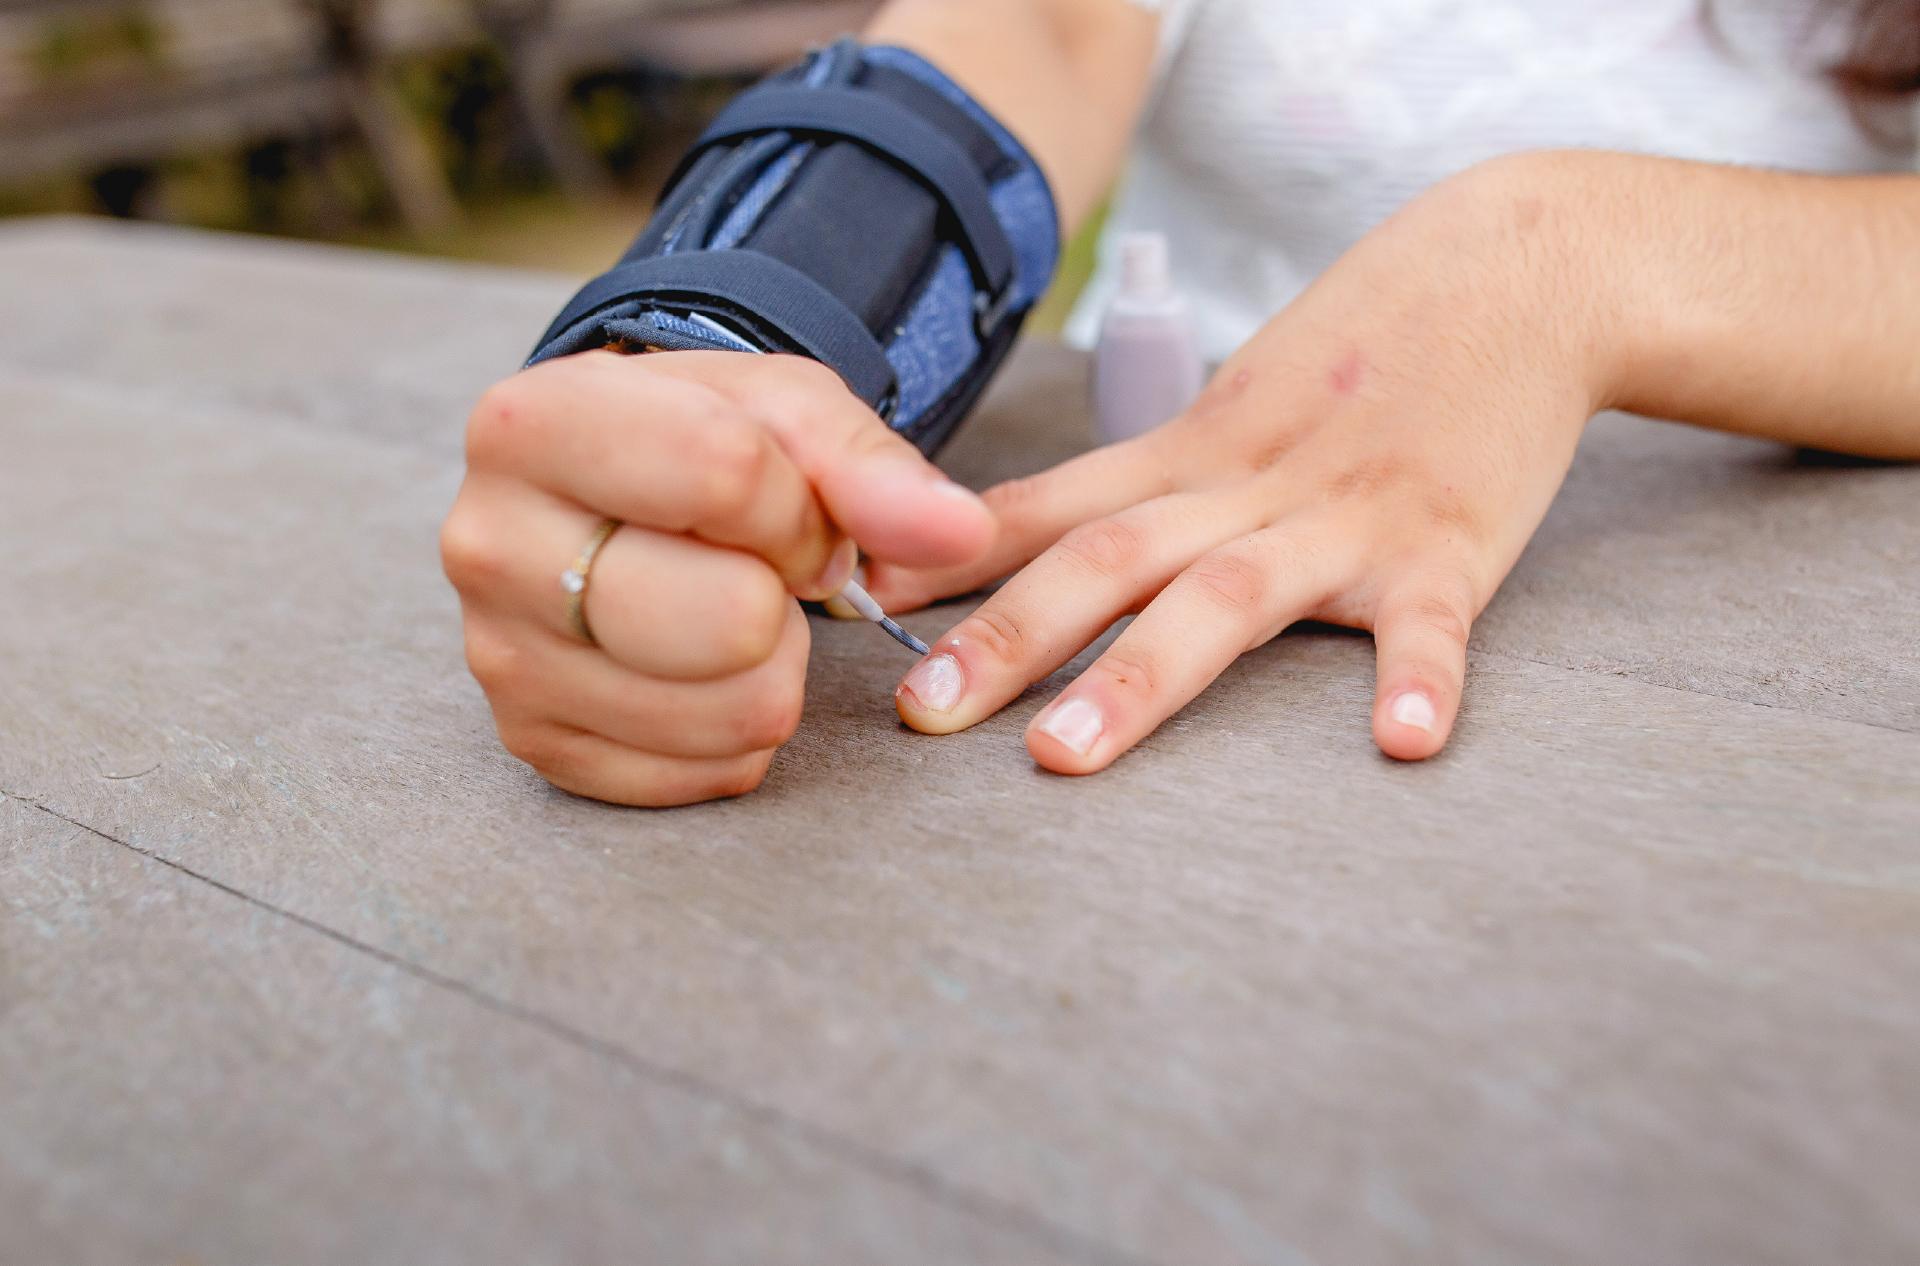 Pulseira de Peso auxilia pessoas com tremores em atividades da vida diária